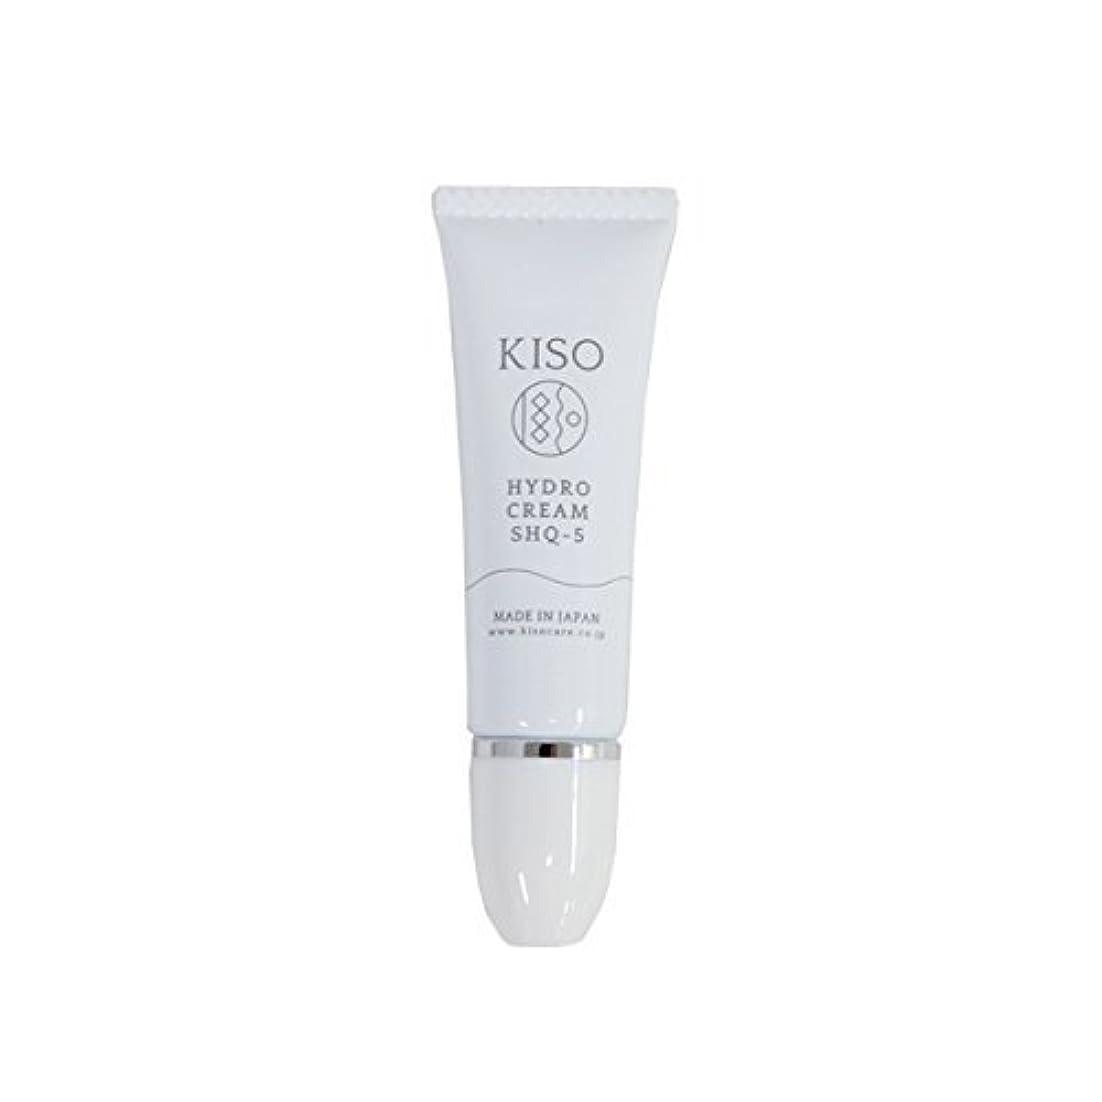 シリング心のこもった成功したKISO 安定型 ハイドロキノン 5%配合【ハイドロ クリーム SHQ-5 10g】スキンケアで肌を整えた後にちょこっとケア 日本製